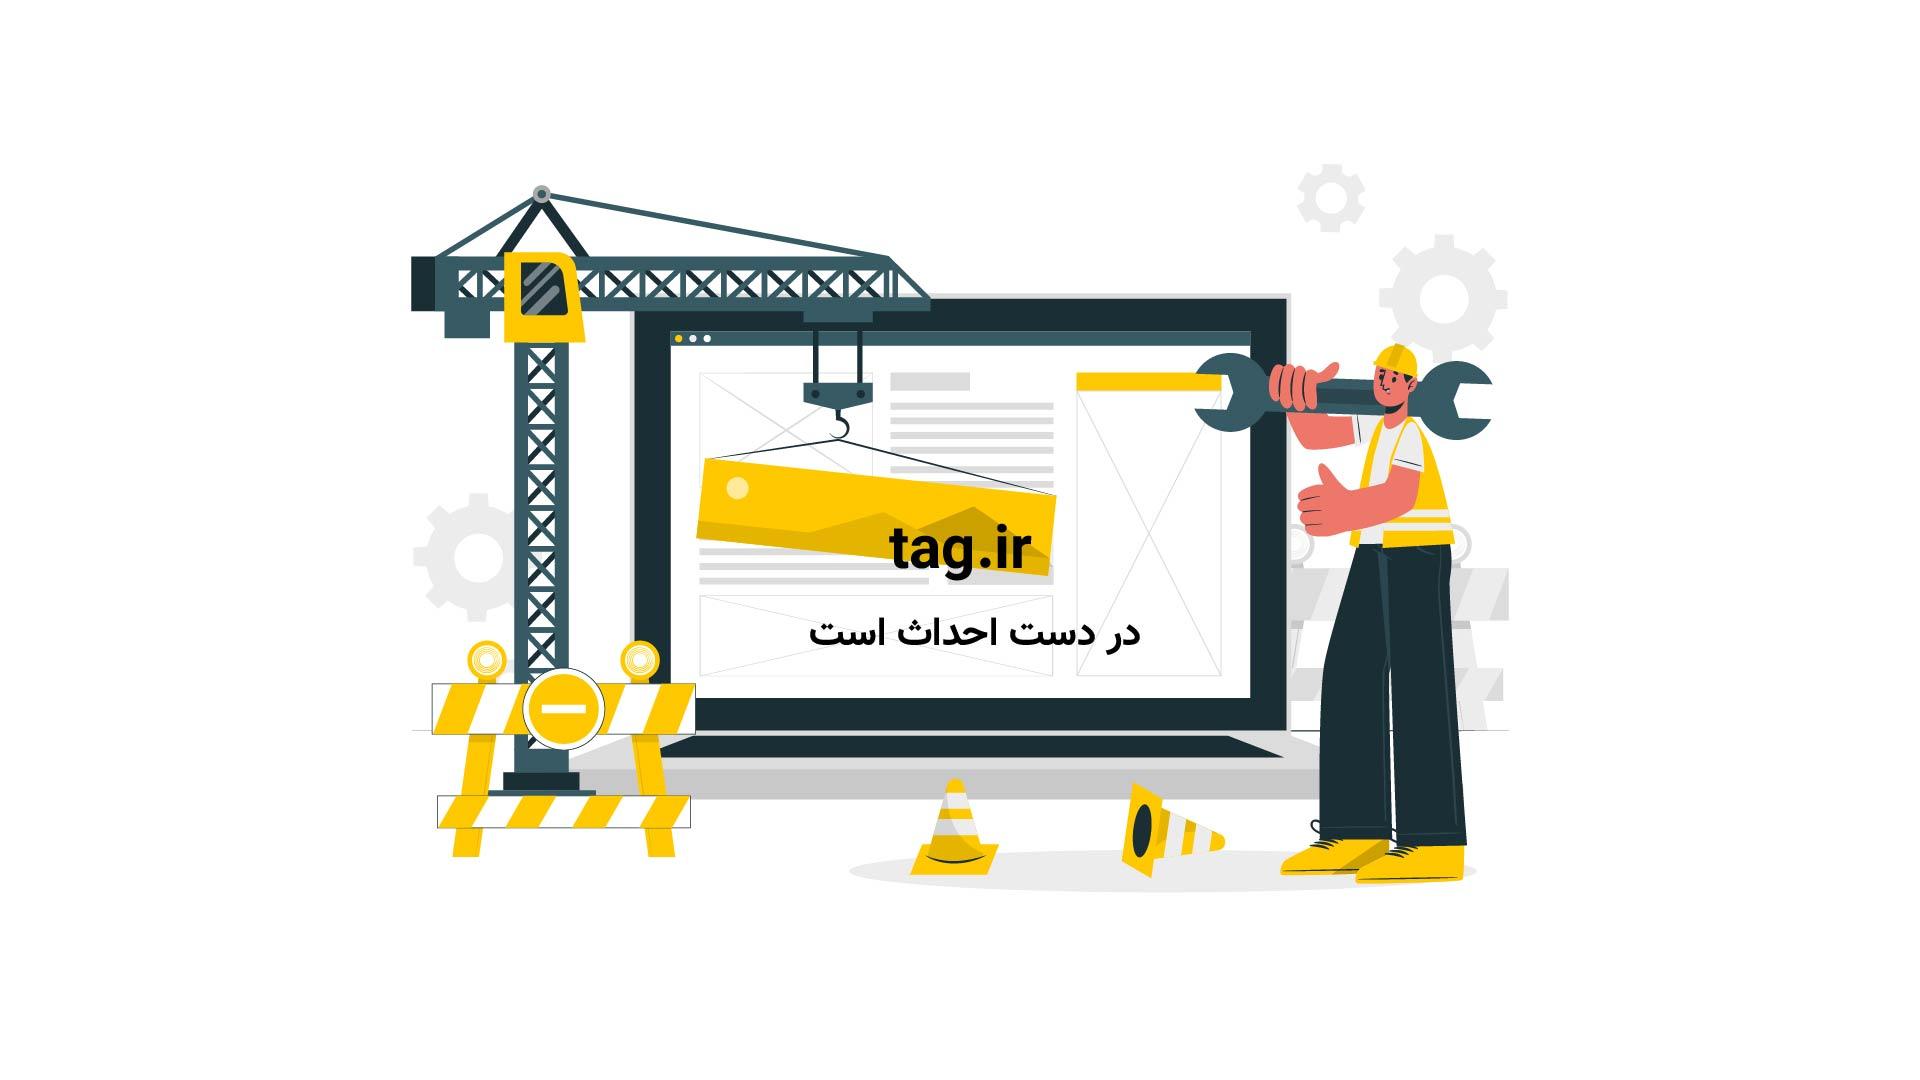 امام خمینی نامه به گورباچف | تگ